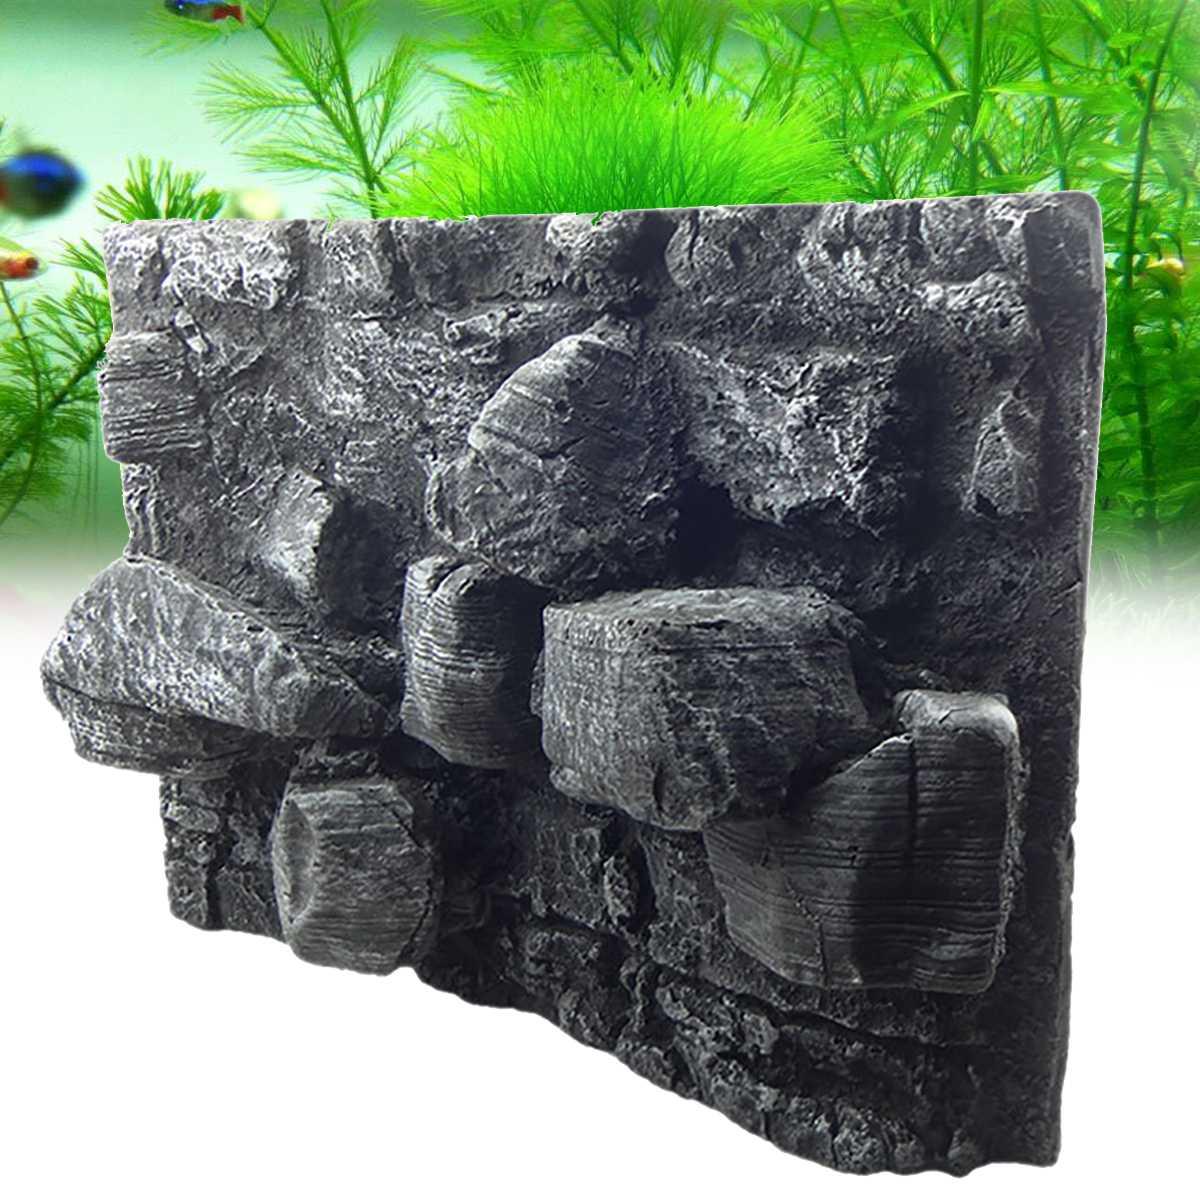 Reptiles grand 3D pierre roche Aquarium fond PU conseil poisson réservoir toile de fond plaque aquatique mur décorations 60X45X13 cm